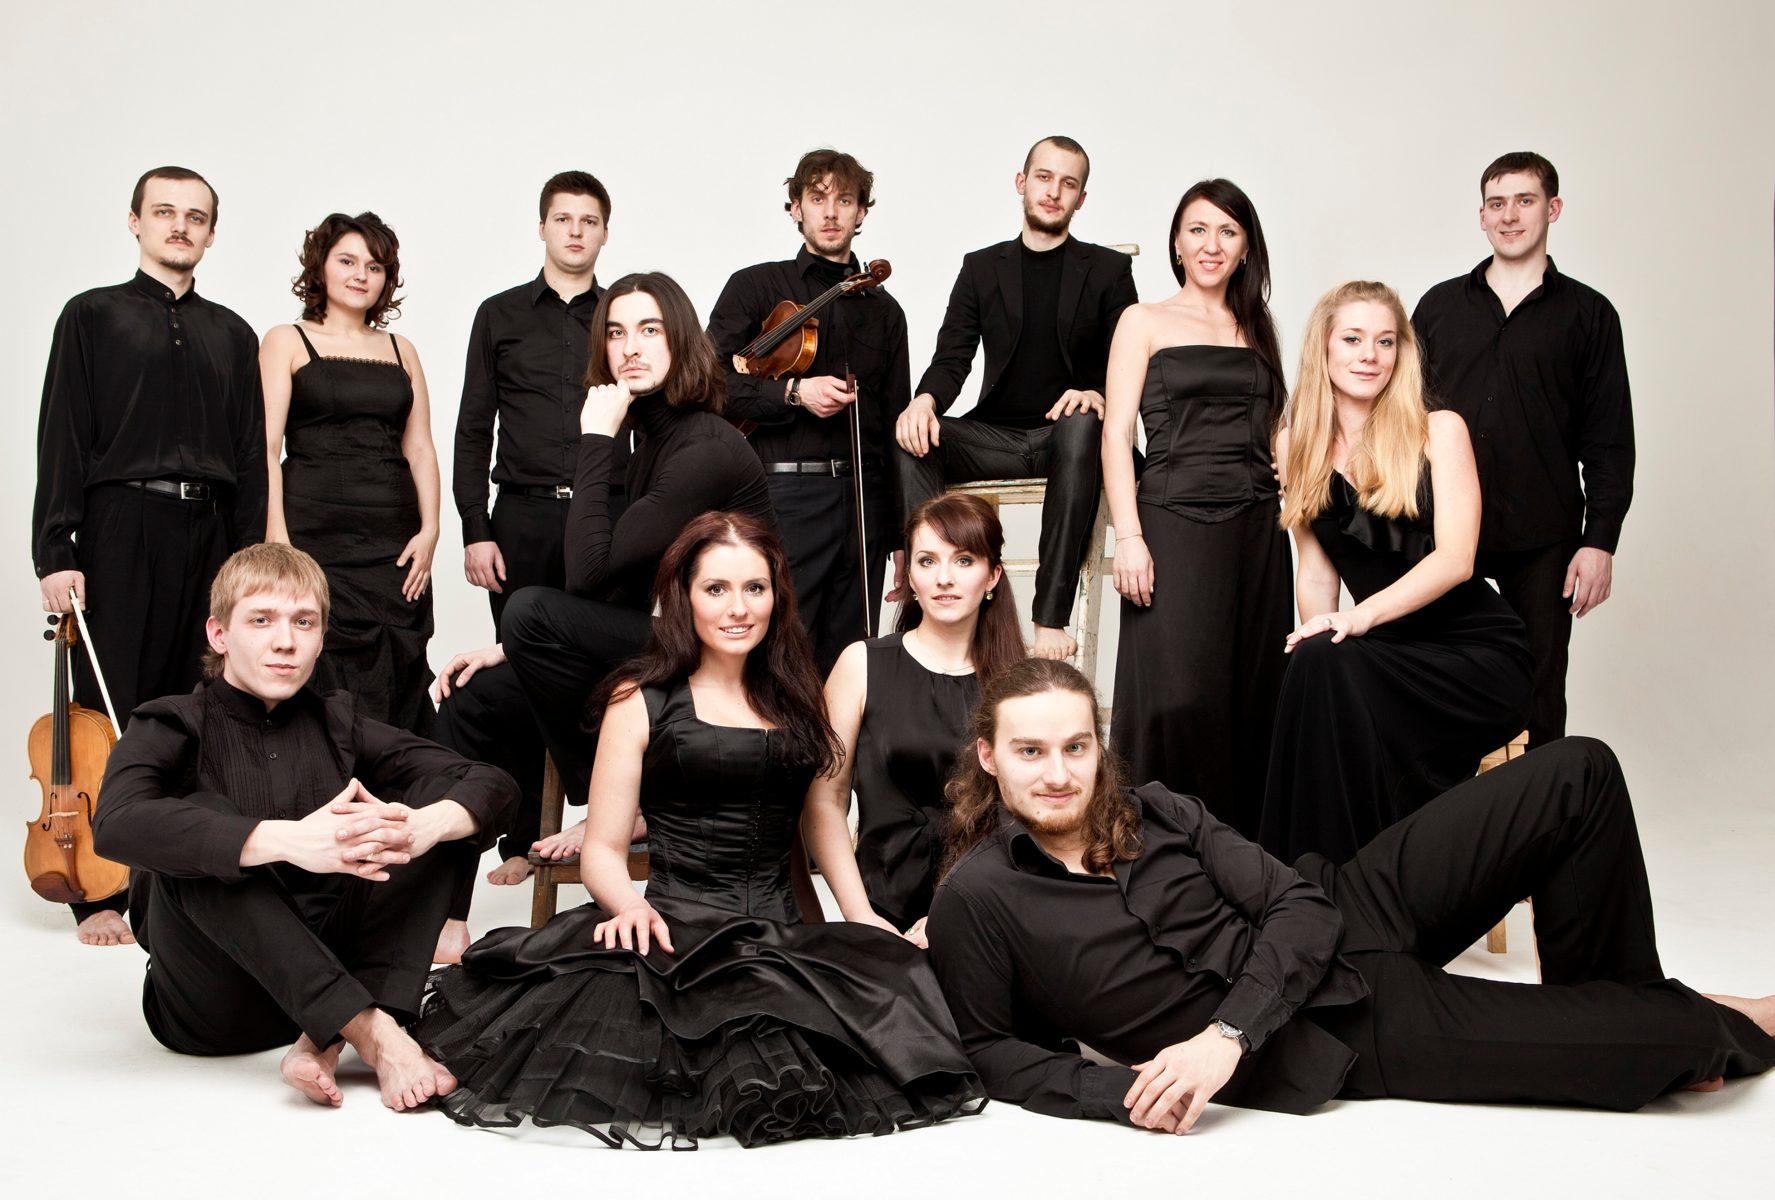 Концерт «Венская классика. Моцарт» в Концертном зале имени П. И. Чайковского – события на сайте «Московские Сезоны»